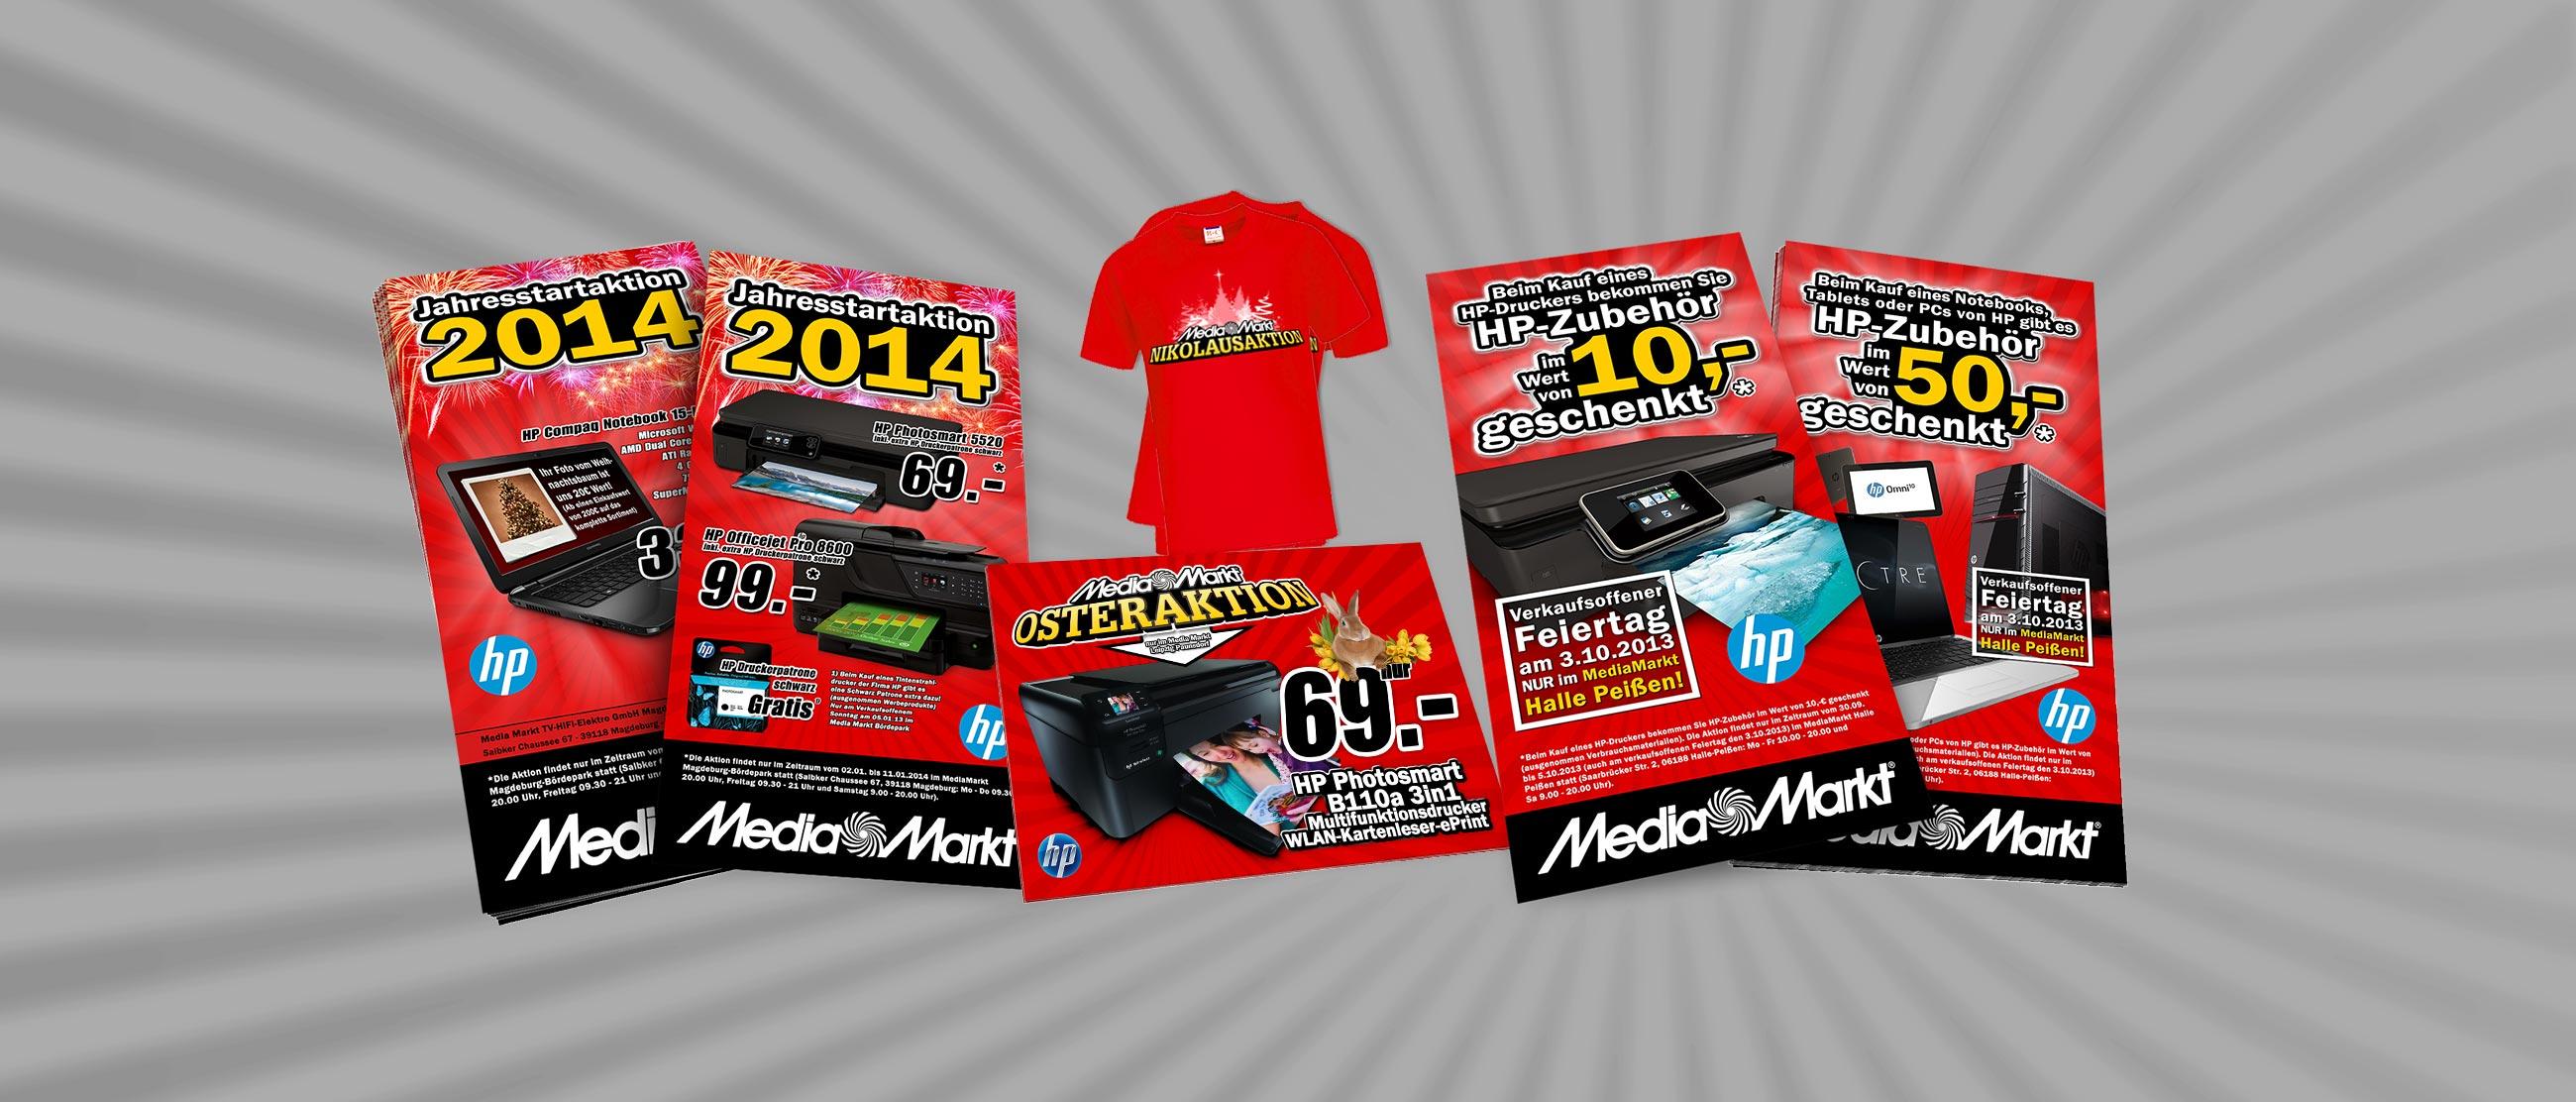 Media Markt: Gestaltung von Aktionsflyern und T-Shirts